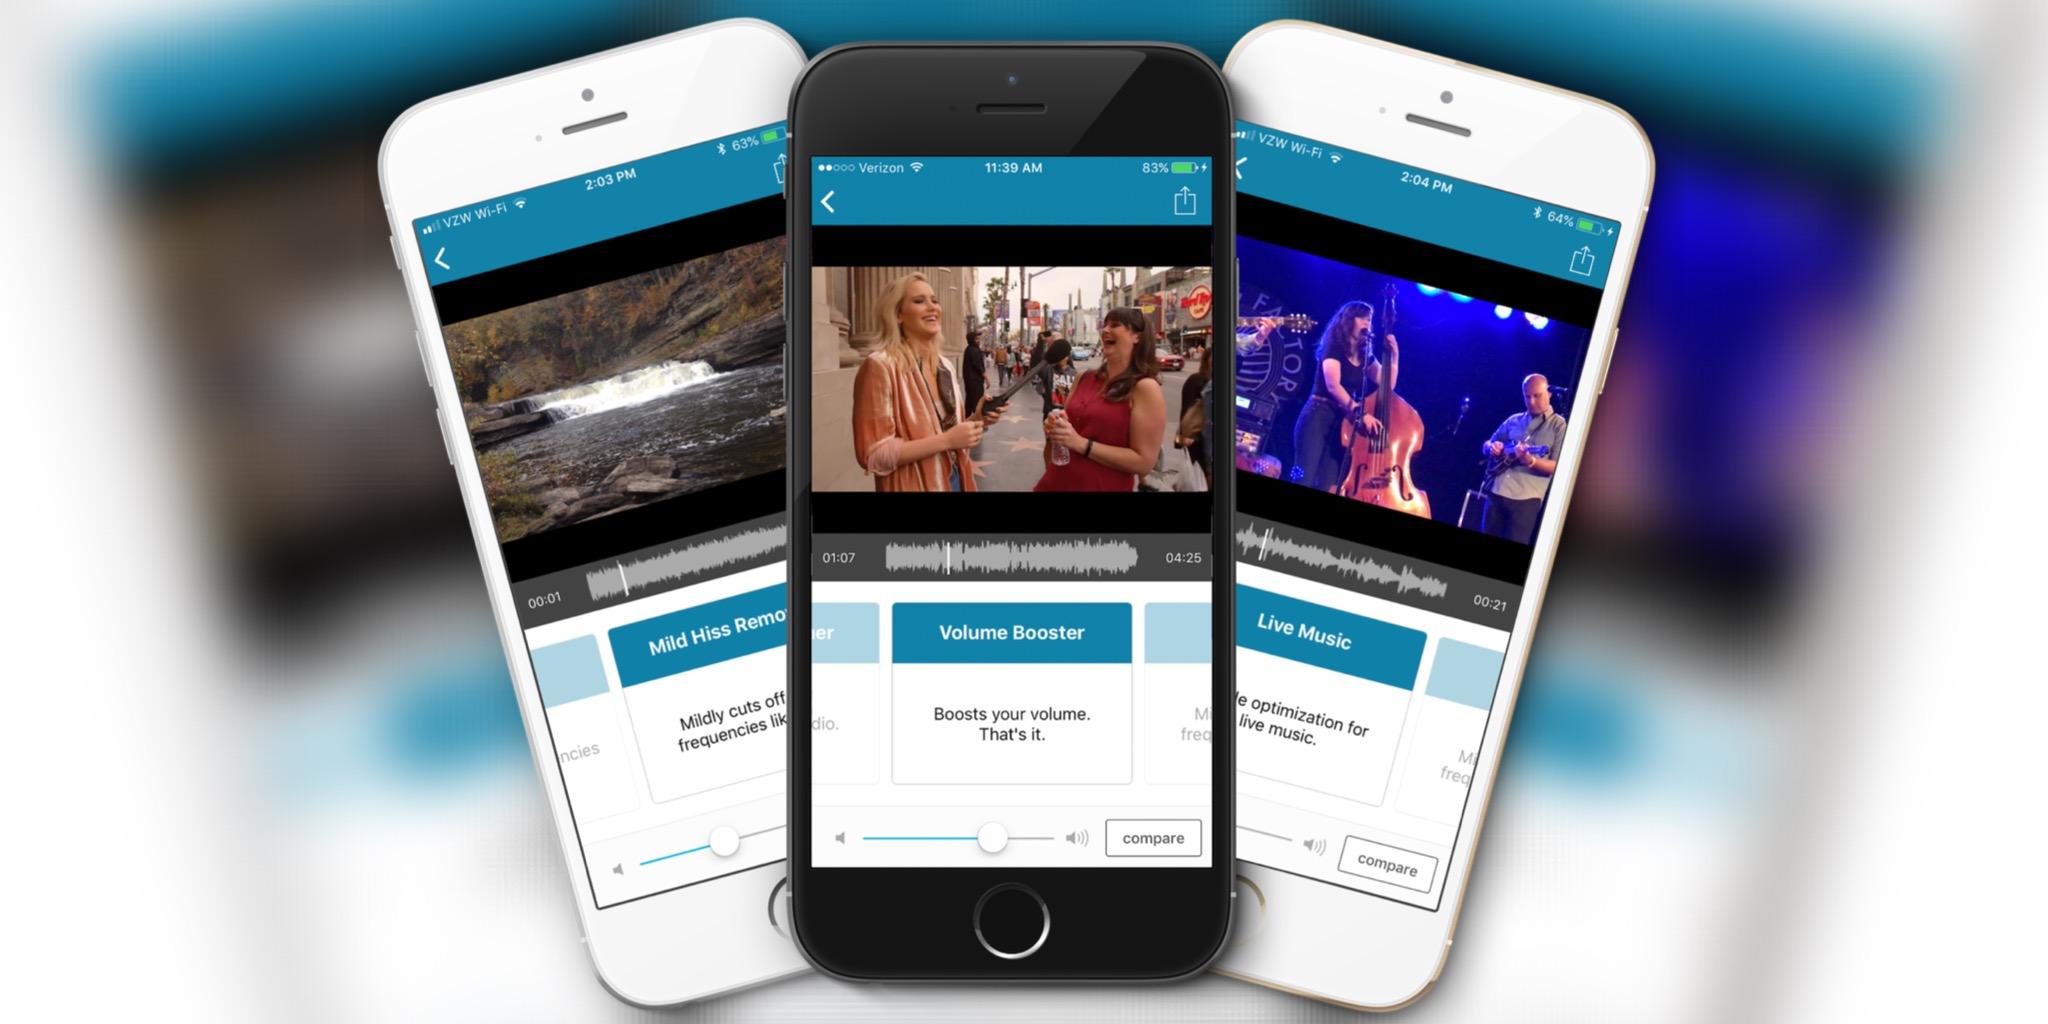 Audio Foto,Audio está en tendencia en Twitter - Los tweets más populares